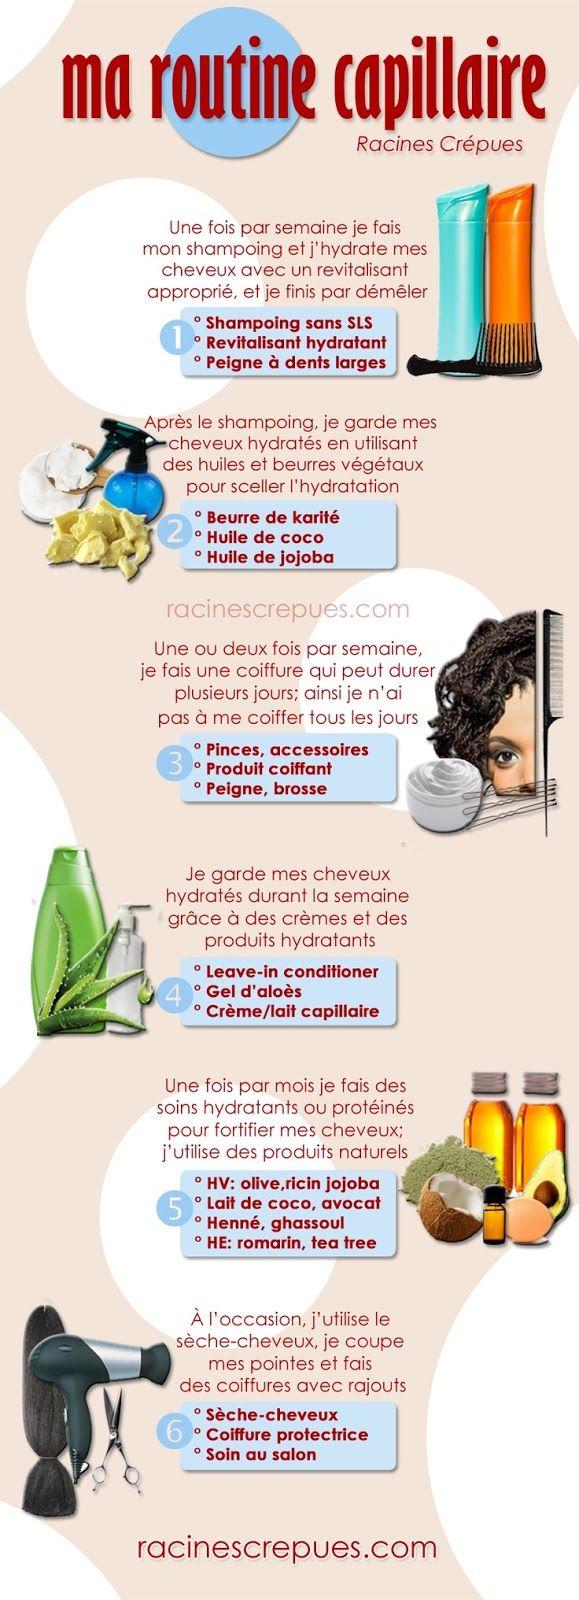 Racines Crépues | Cheveux crépus au naturel | Beauté | Montréal QC: Routine capillaire pour cheveux crépus | Ma routine personnelle